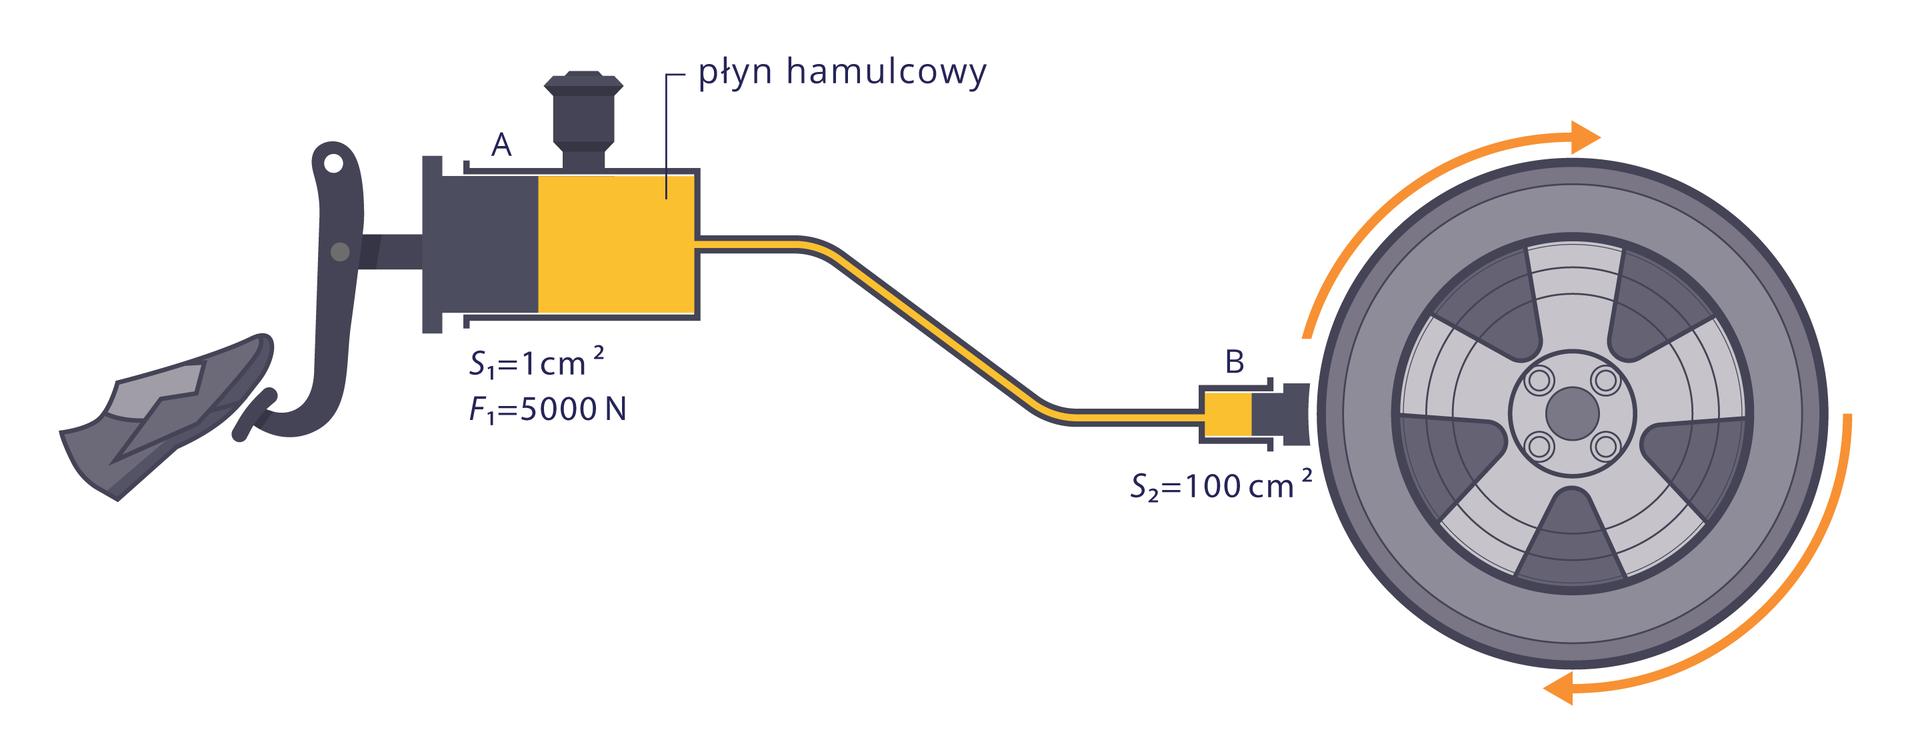 Uproszczony schemat hydraulicznego układu hamulcowego – dwa przekroje oróżnych polach powierzchni. Zaznaczona siła nacisku na mniejszą powierzchnię (tłoczek). Powierzchnie tłoków isiła opisane. Dane do opisu: (S1=1cm2 , S2=100cm2 , F1=50N)Ponadto zaznaczone dwa punkty: punkt Atuż pod powierzchnią tłoka opolu S1 oraz punkt Bpod powierzchnią tłoka opolu S2.Celem jest graficzna forma prezentacji danych do obliczeń zzastosowaniem prawa Pascal.